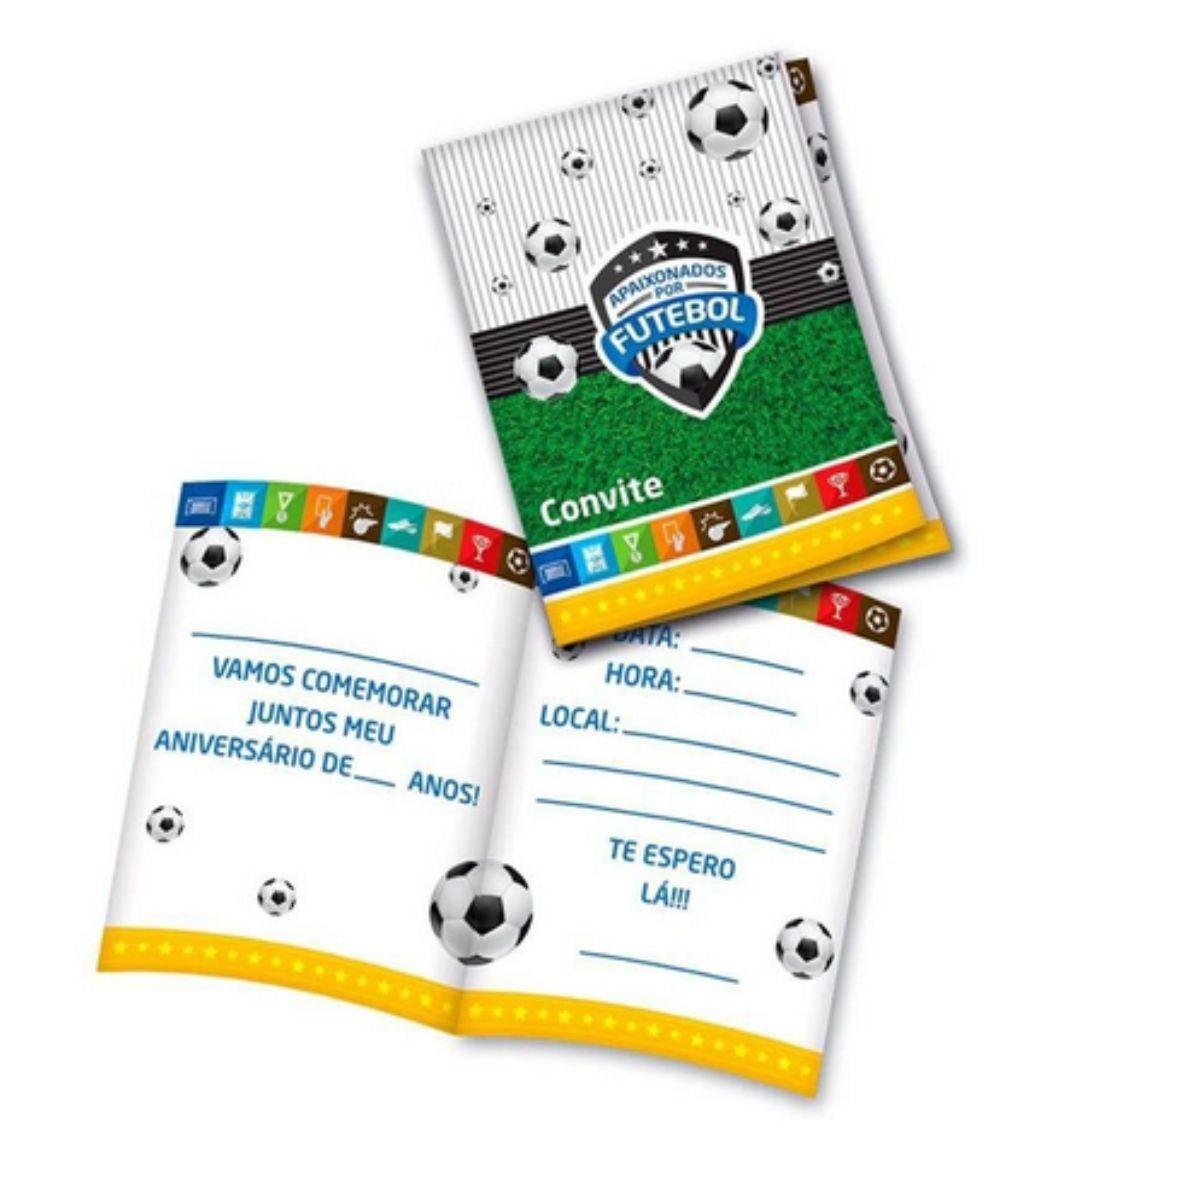 Convite Apaixonados por Futebol pequeno com 8 unidades